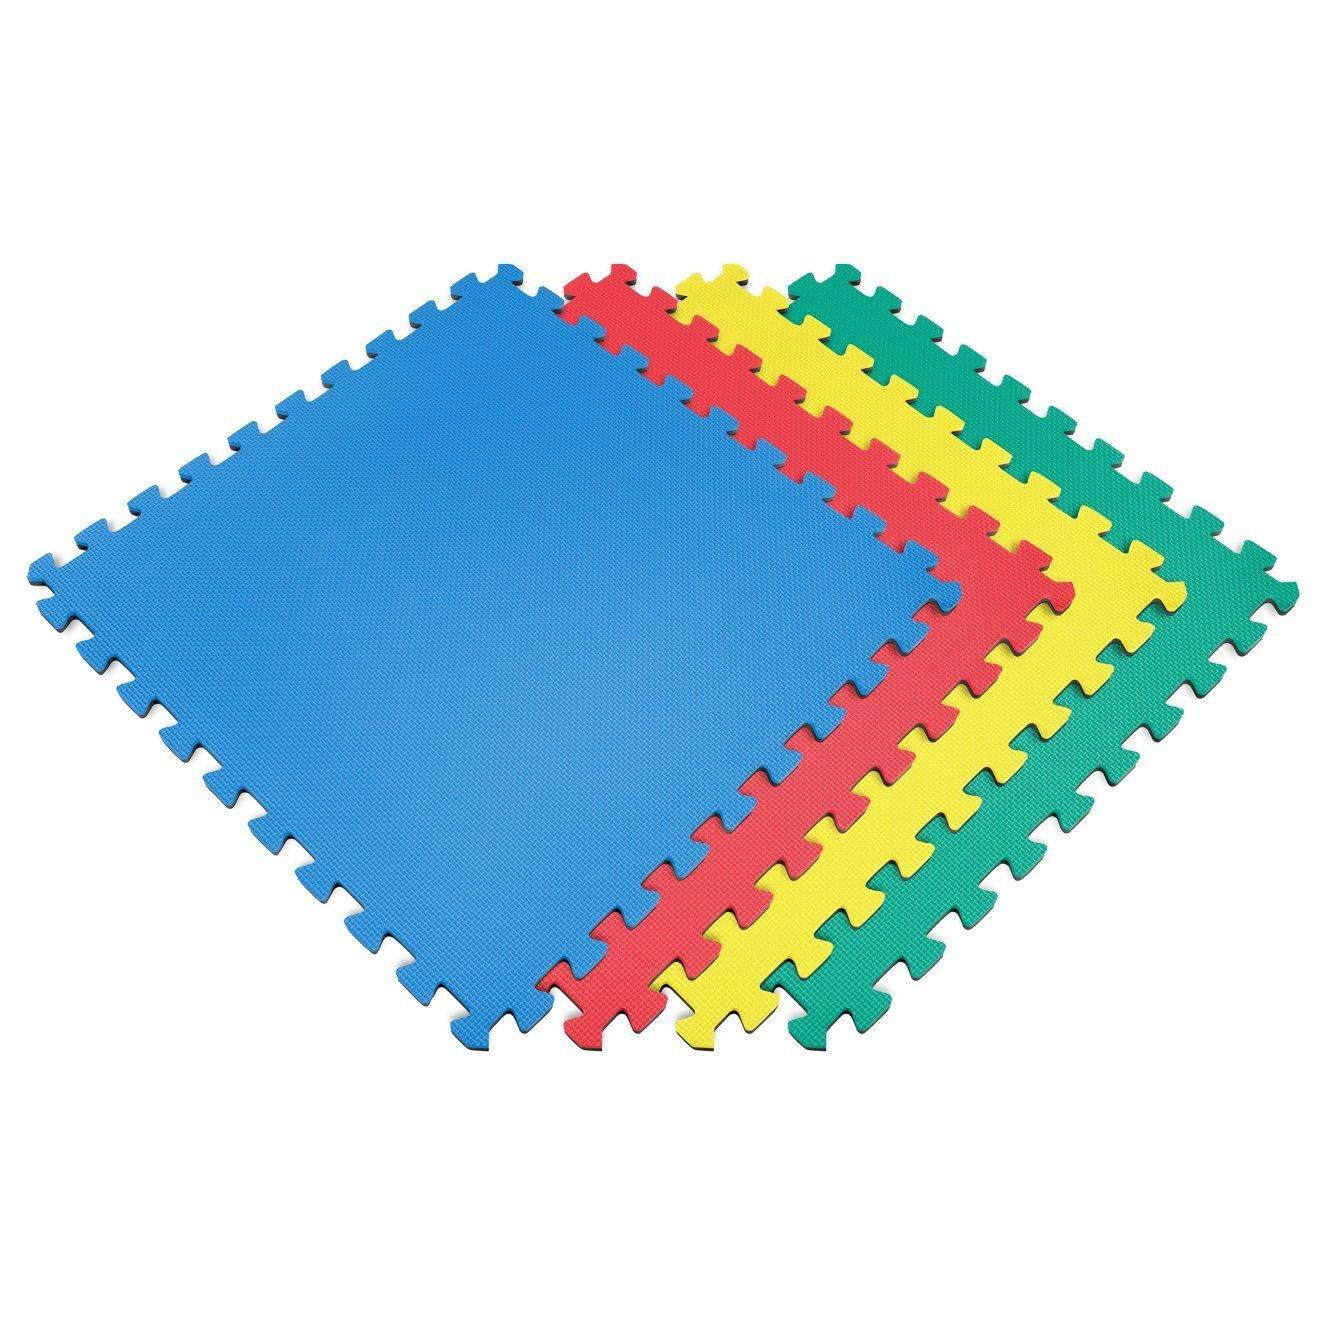 sq ft interlocking eva soft foam exercise floor play mats  -  sq ft interlocking eva soft foam exercise floor play mats